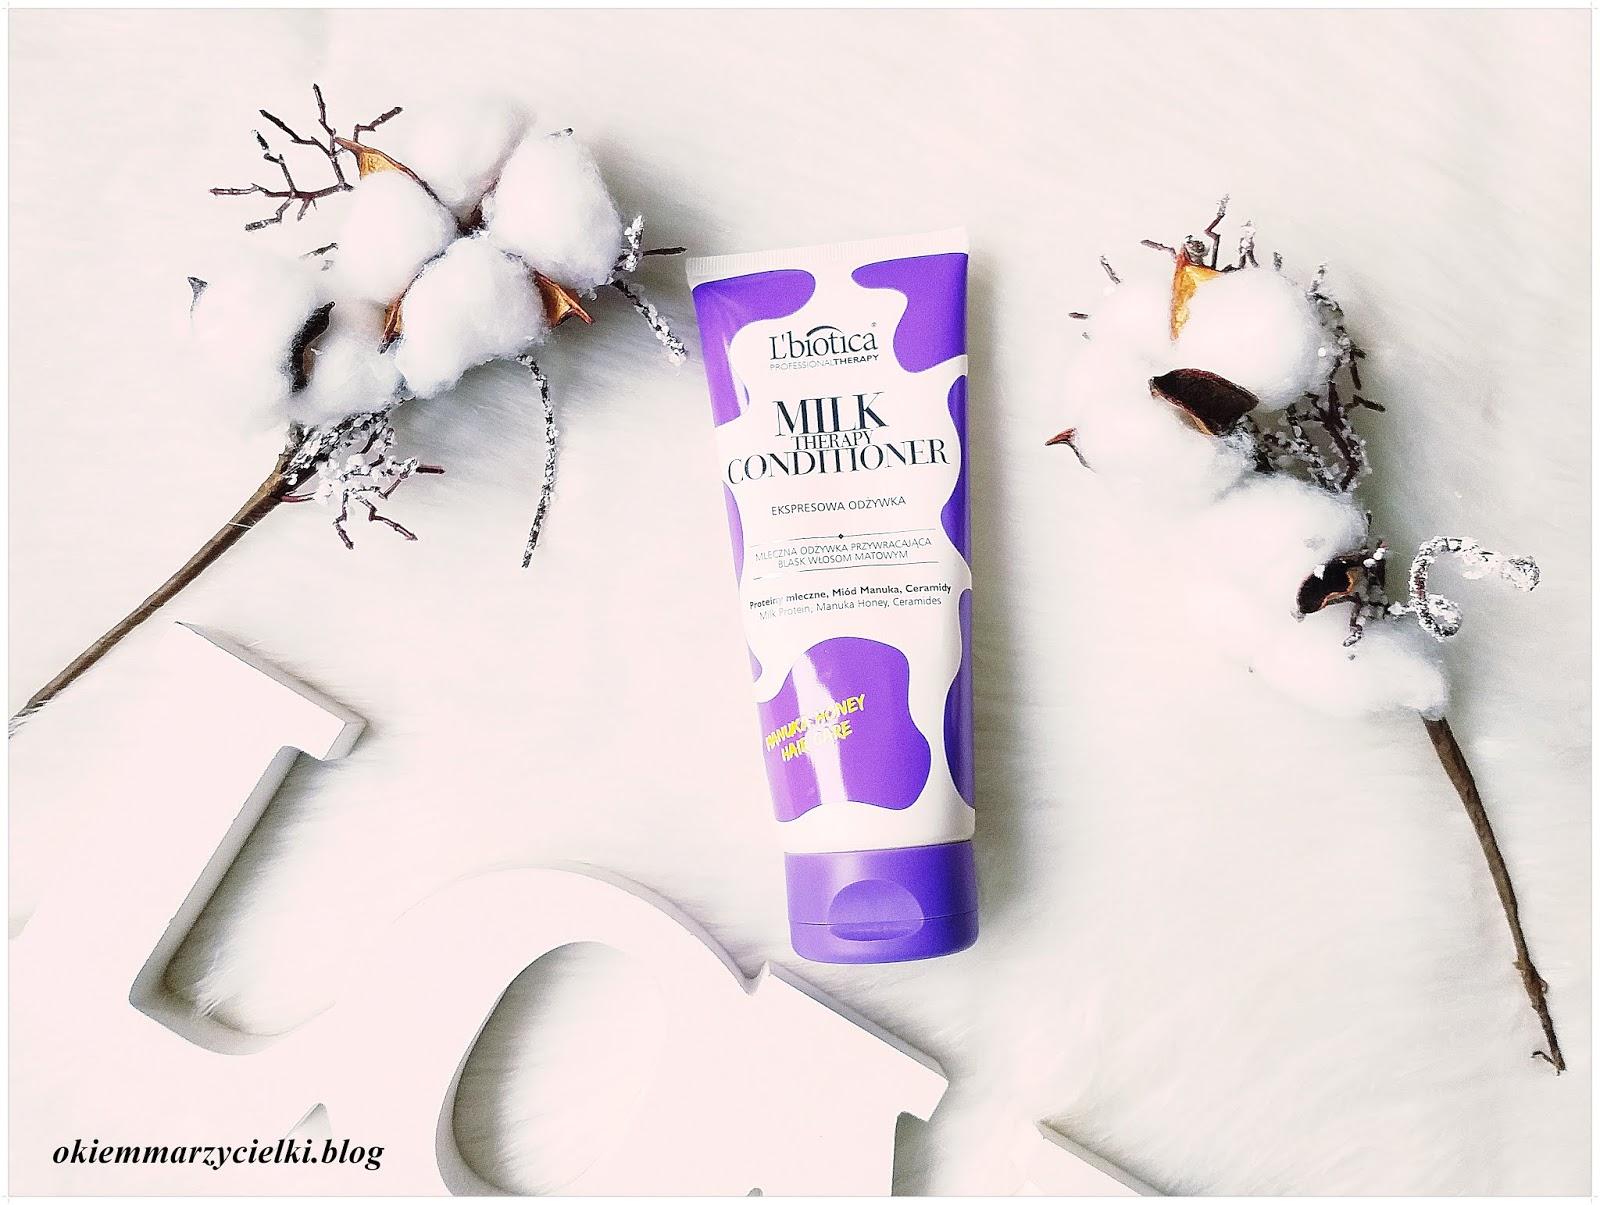 Mleczna ekspresowa odżywka przywracająca blask włosom matowym, L'biotica Professional Therapy-recenzja #117